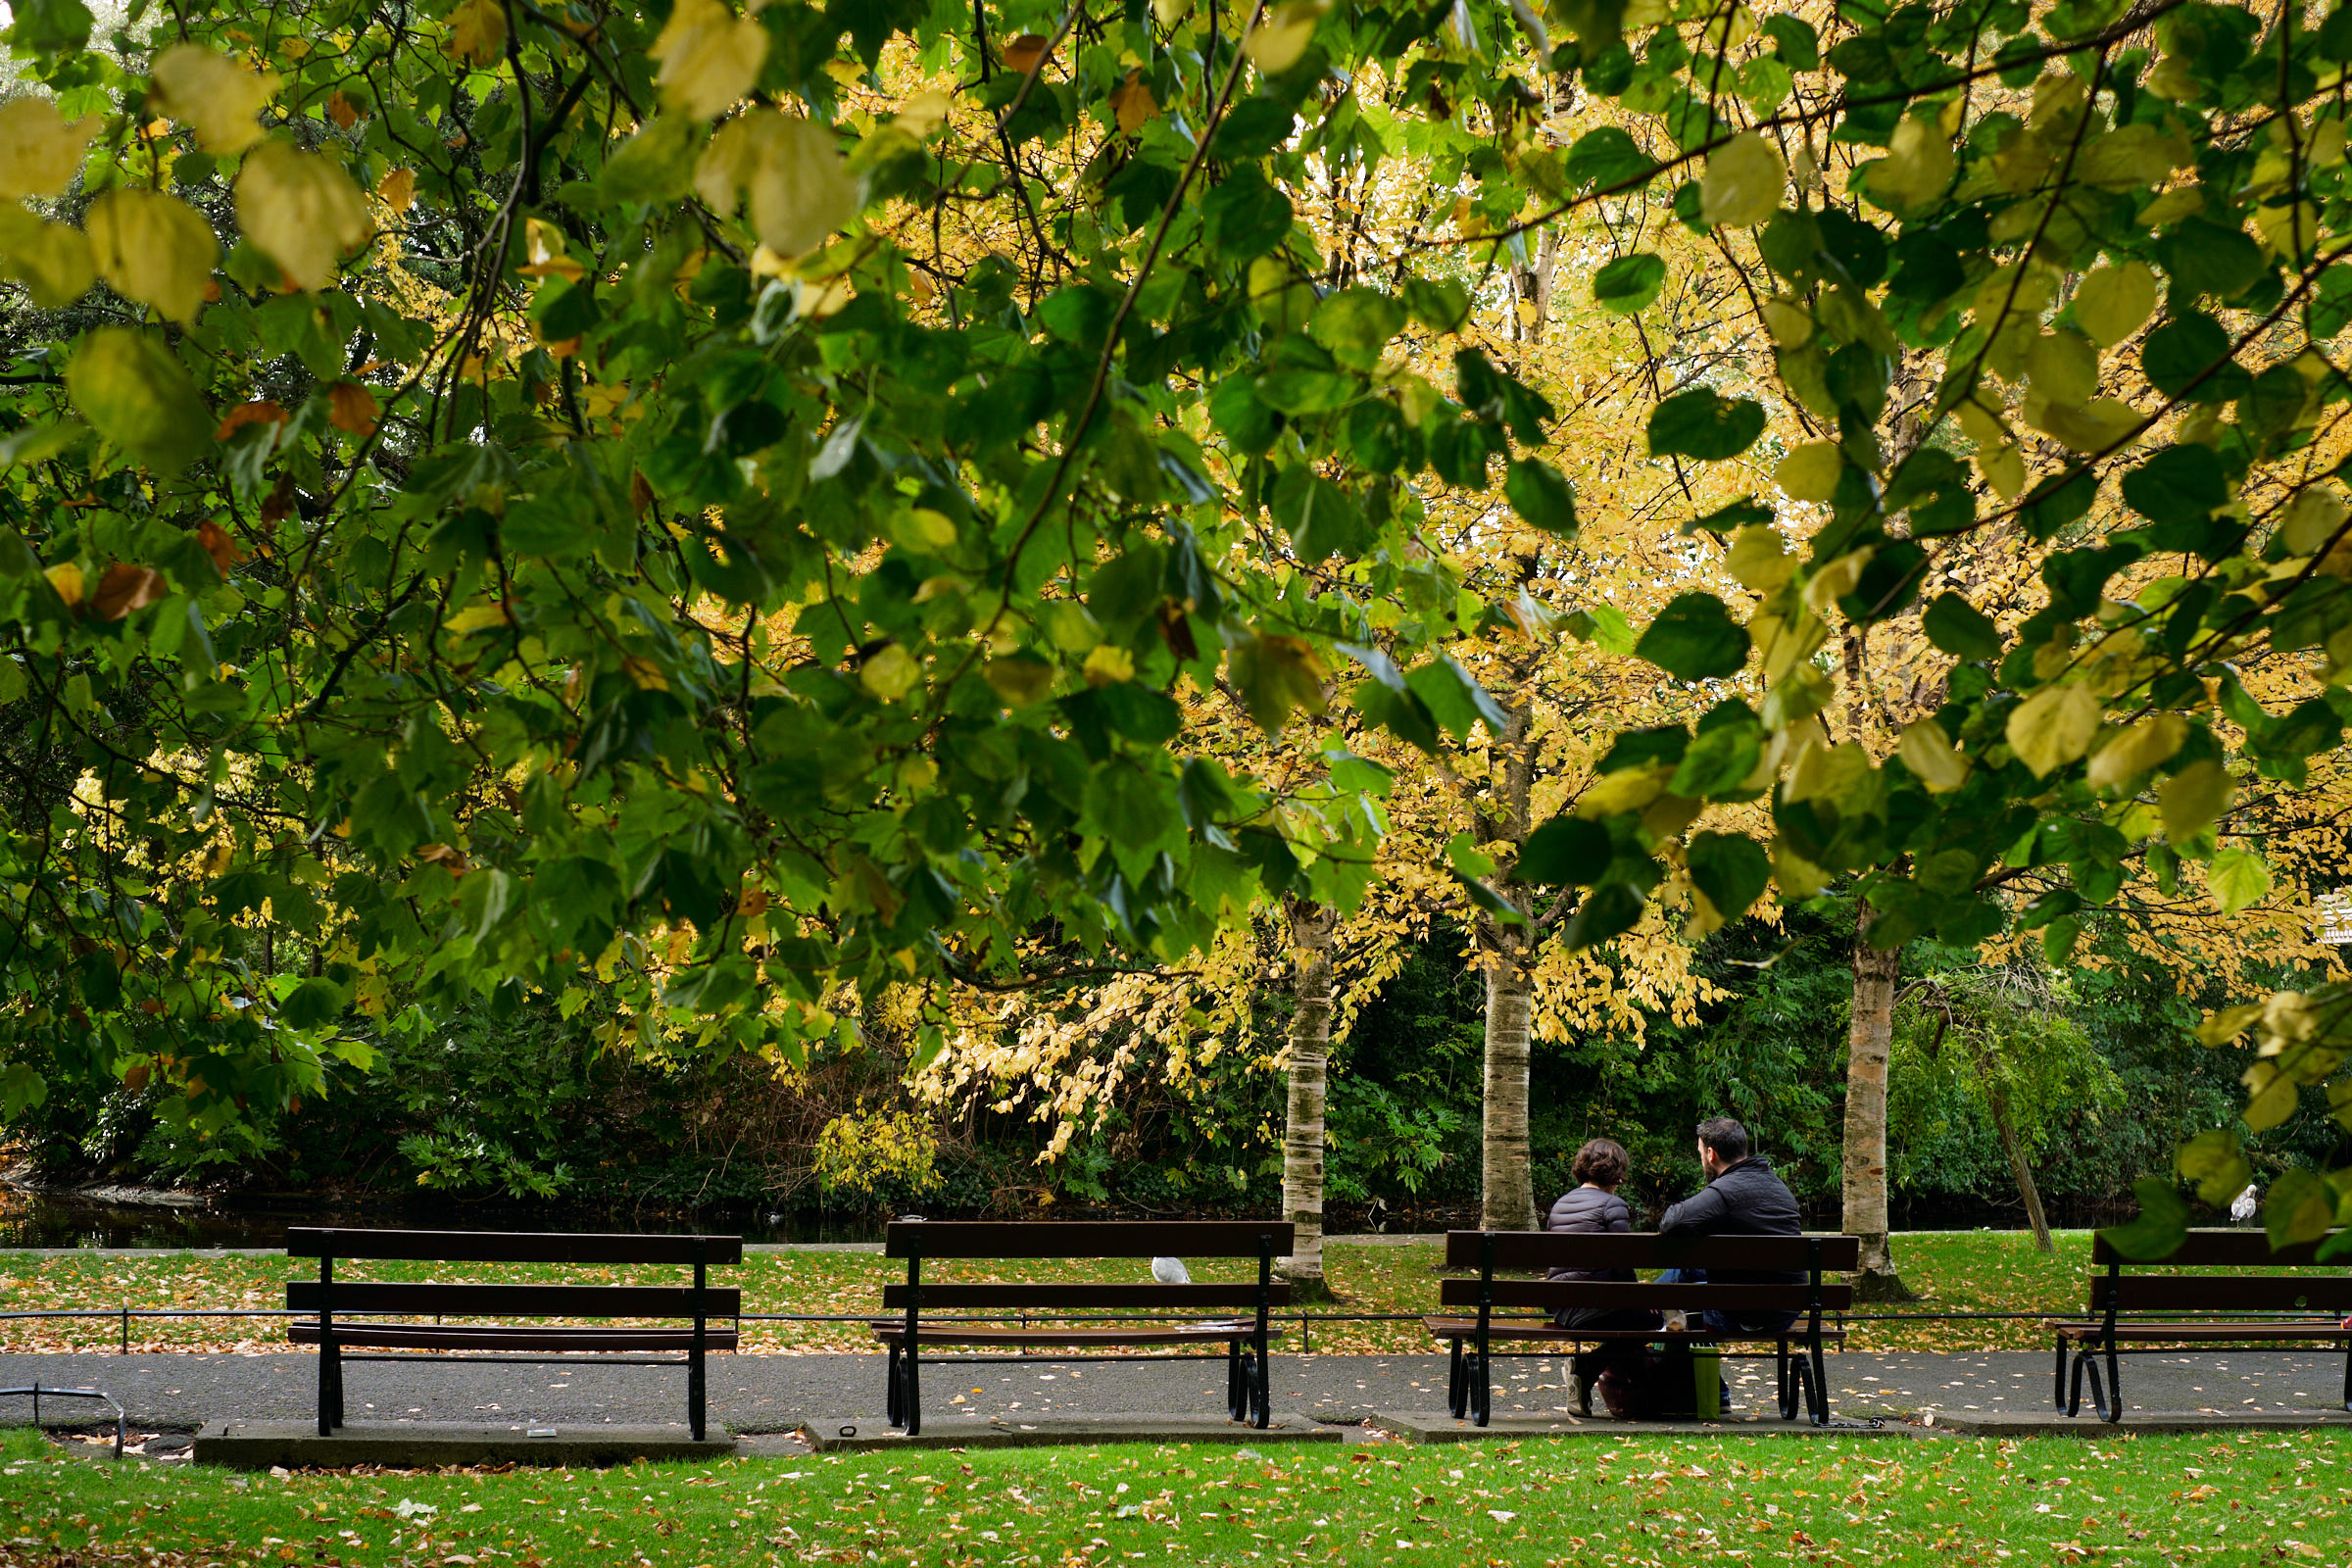 Street-and-park-autumn-384-Jpeg for Web.jpg